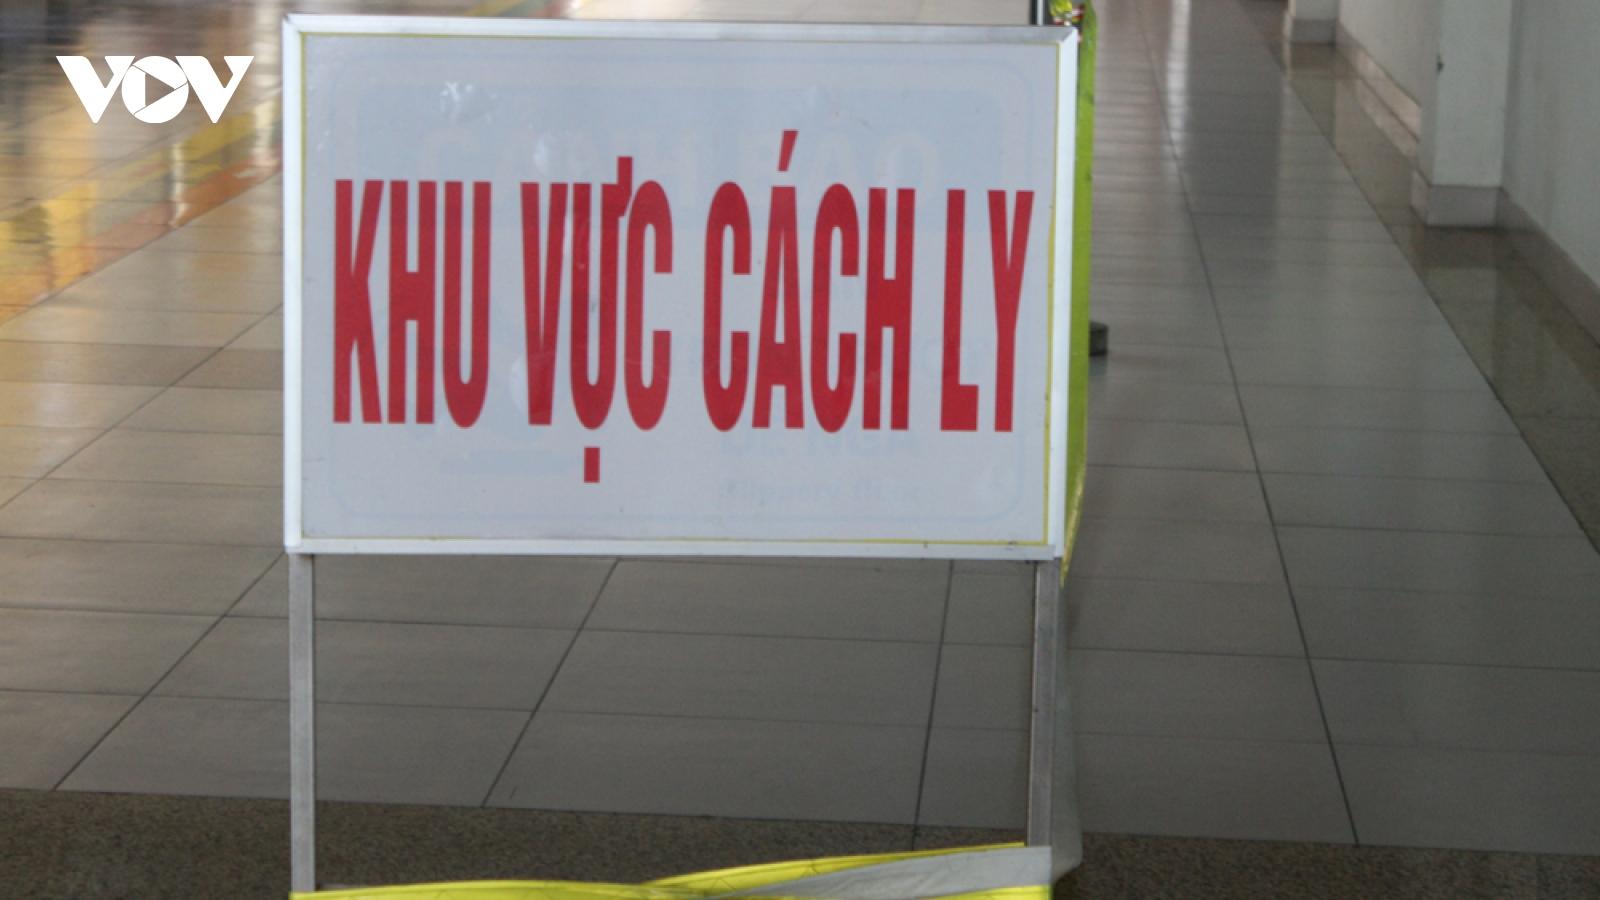 Chiều 27/9, Việt Nam có thêm 5 ca mắc mới Covid-19 đều trở về từ Pháp